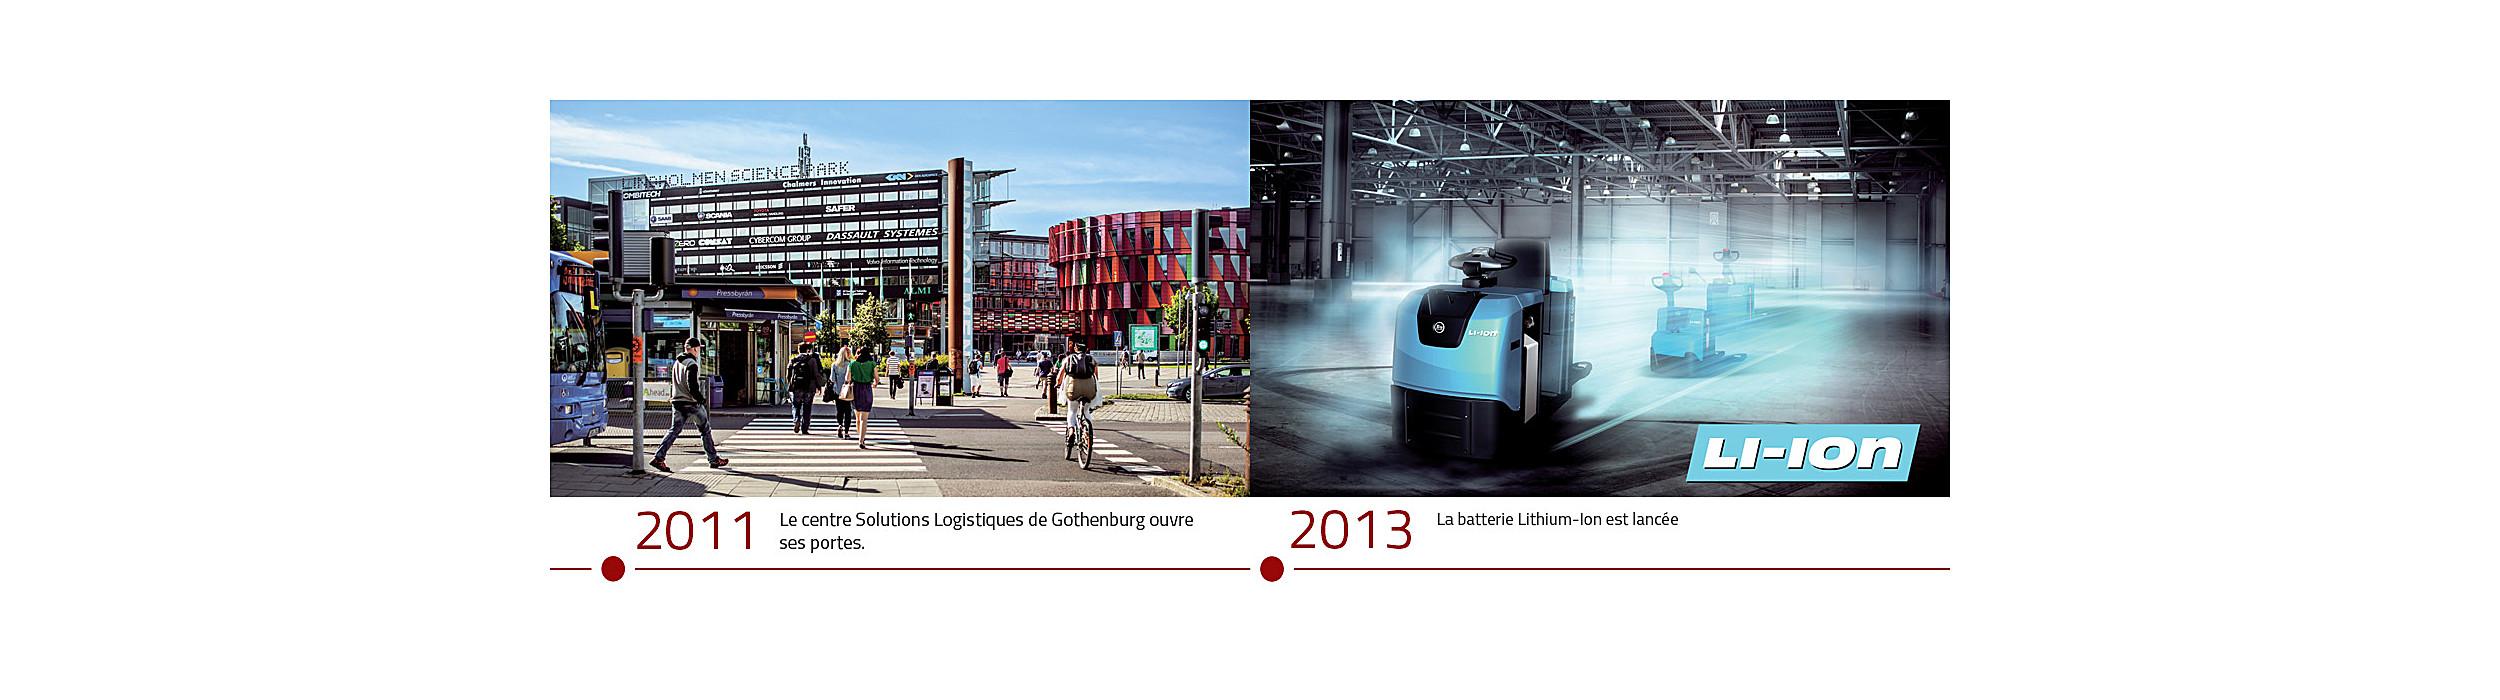 Retour sur l'histoire de Toyota Material Handling : en 2011 elle ouvre son centre de Solutions logistiques et en 2013, la batterie Lithium-Ion